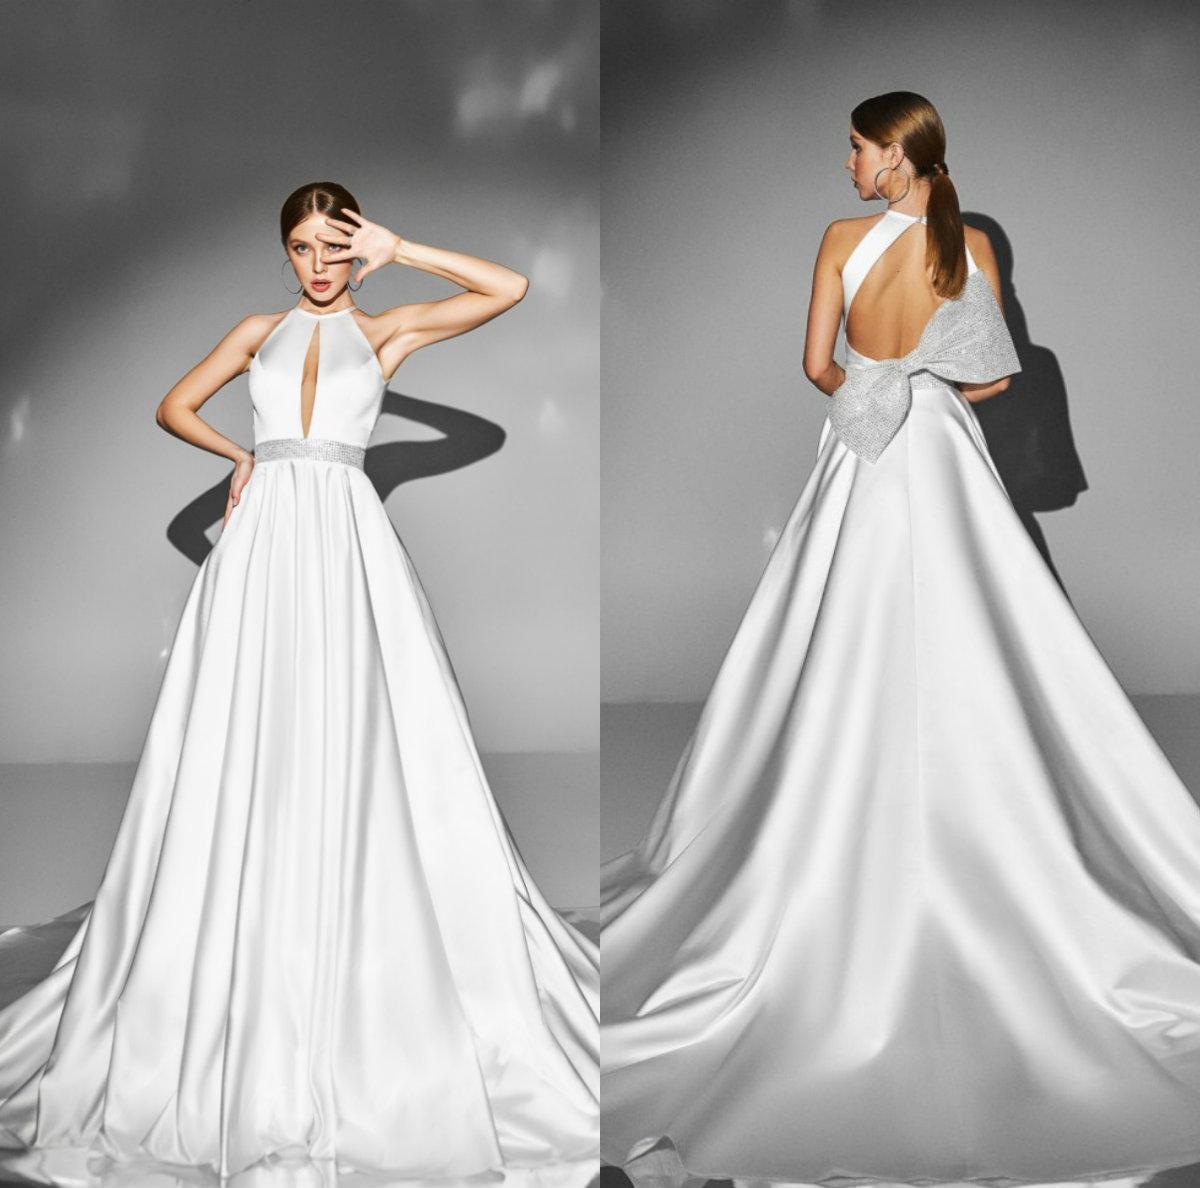 2020 vestidos de casamento elegante Halter uma linha de divisão vestido de novia com Bow Sweep Trem vestidos de noiva Robe